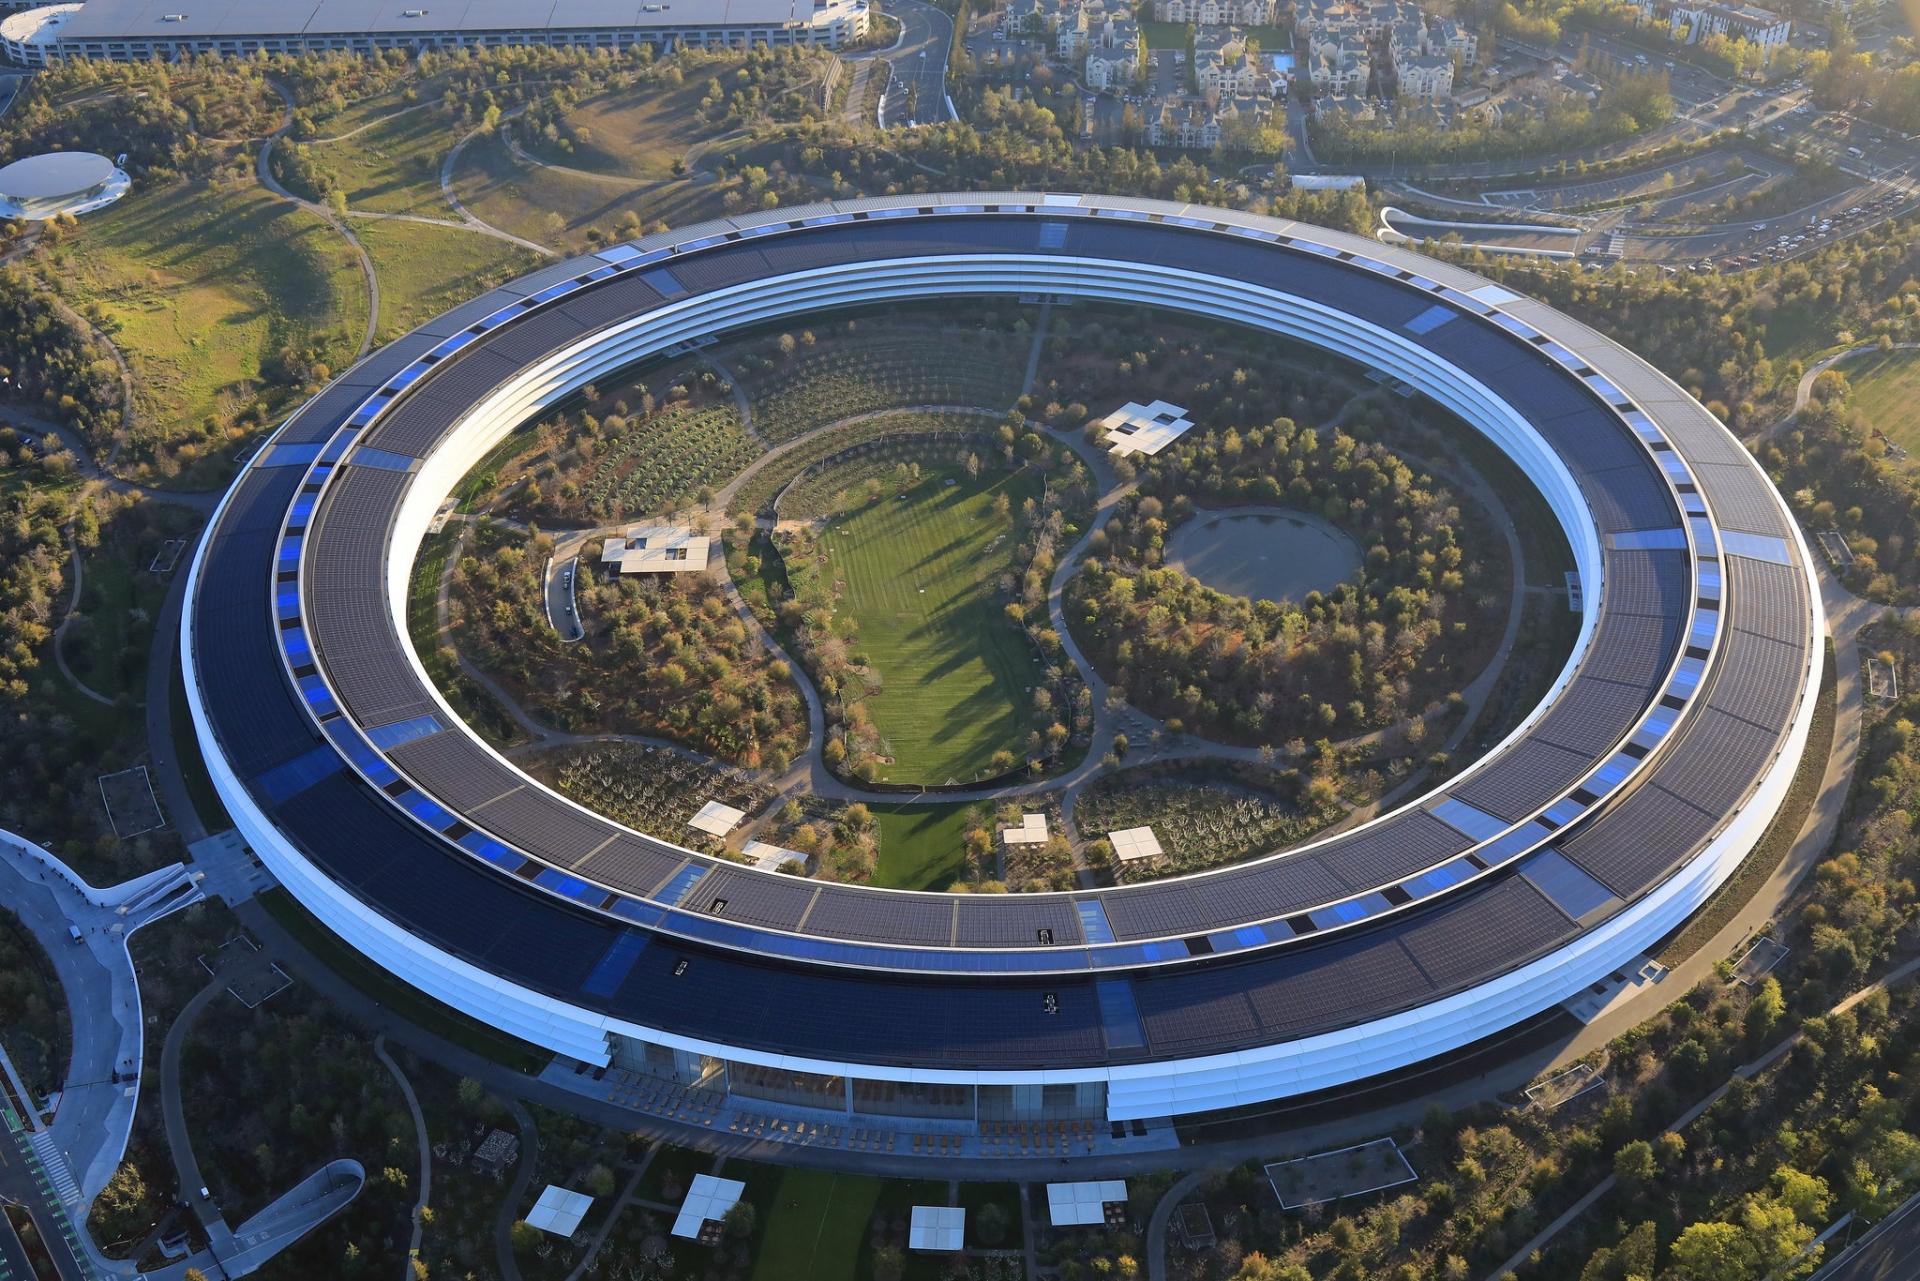 Trụ sở 5 tỷ USD của Apple có gì đặc biệt?